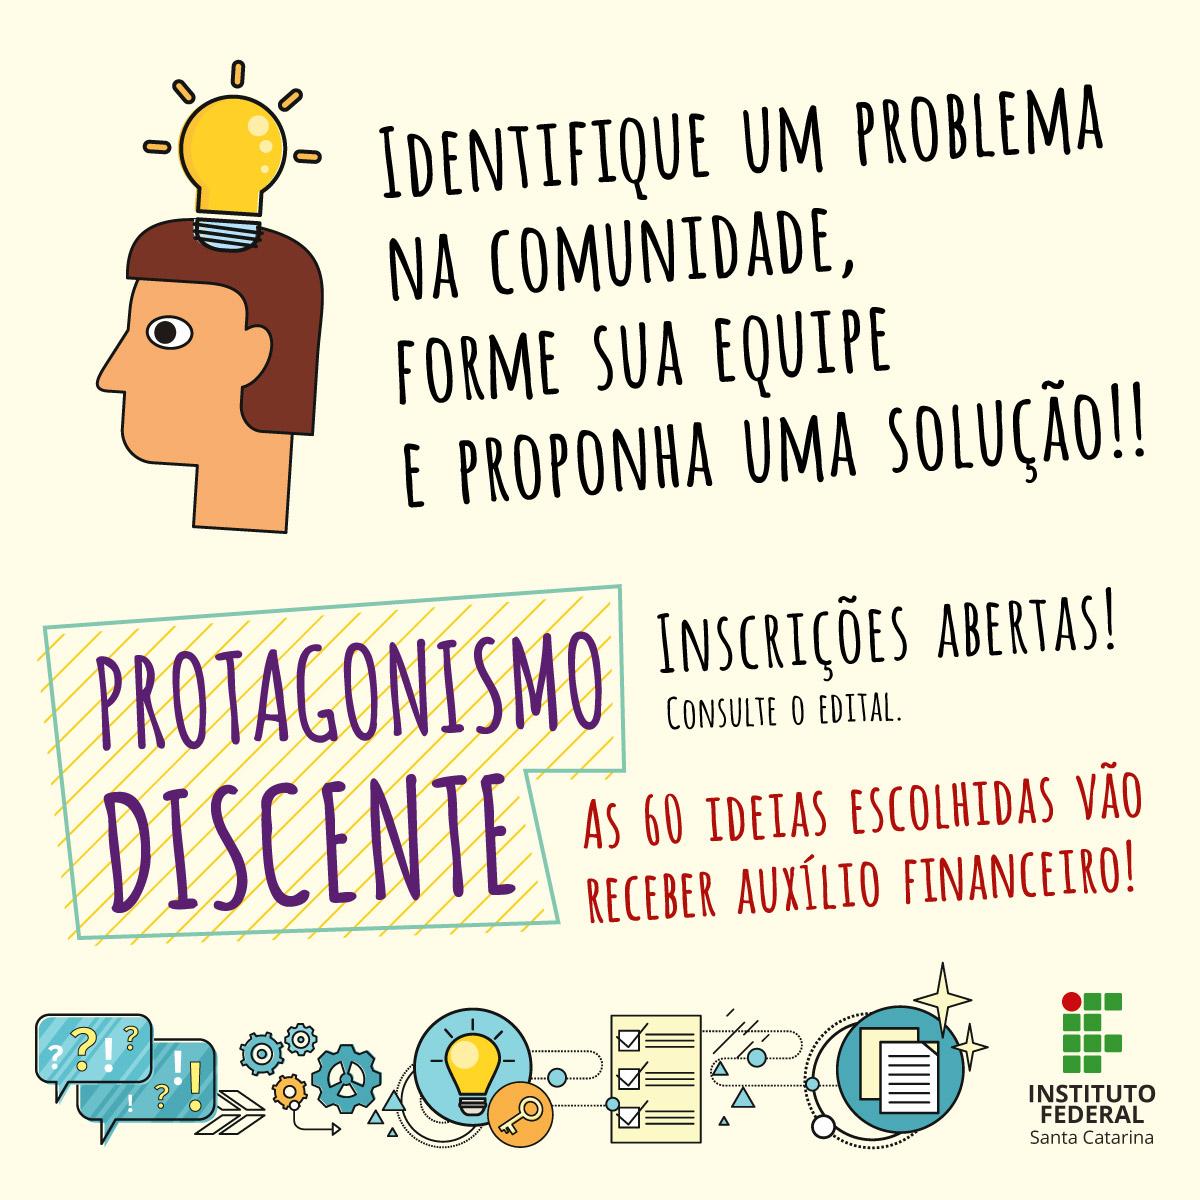 Protagonismo Discente: estudantes podem inscrever propostas para solucionar problemas da comunidade